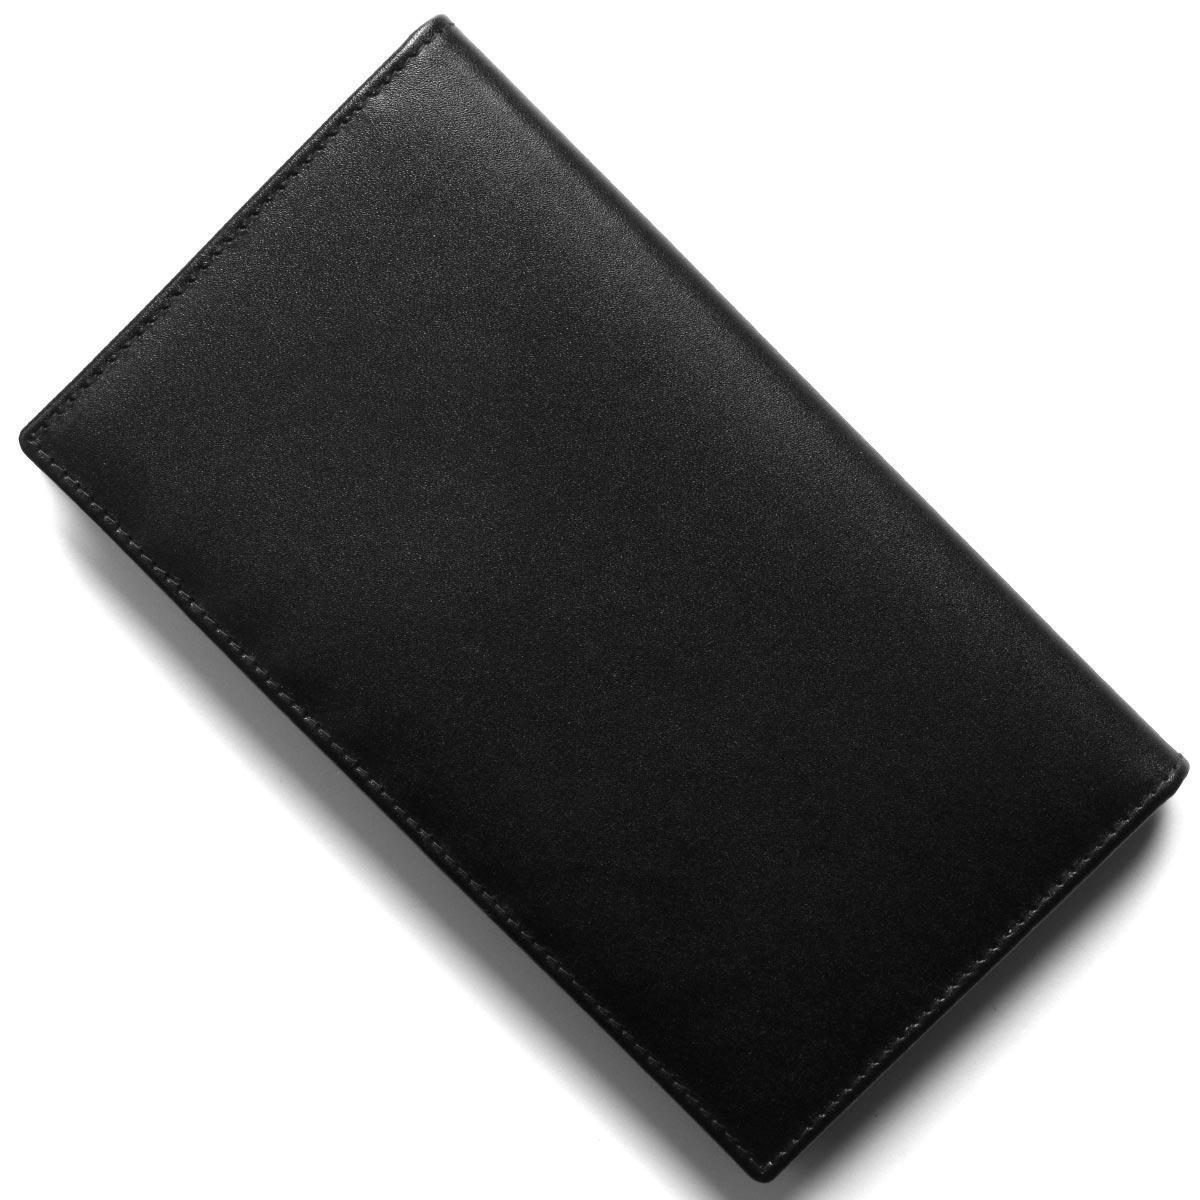 エッティンガー 長財布(札入れ) 財布 メンズ スターリング ブラック&パープル 806AJR ST PURPLE ETTINGER